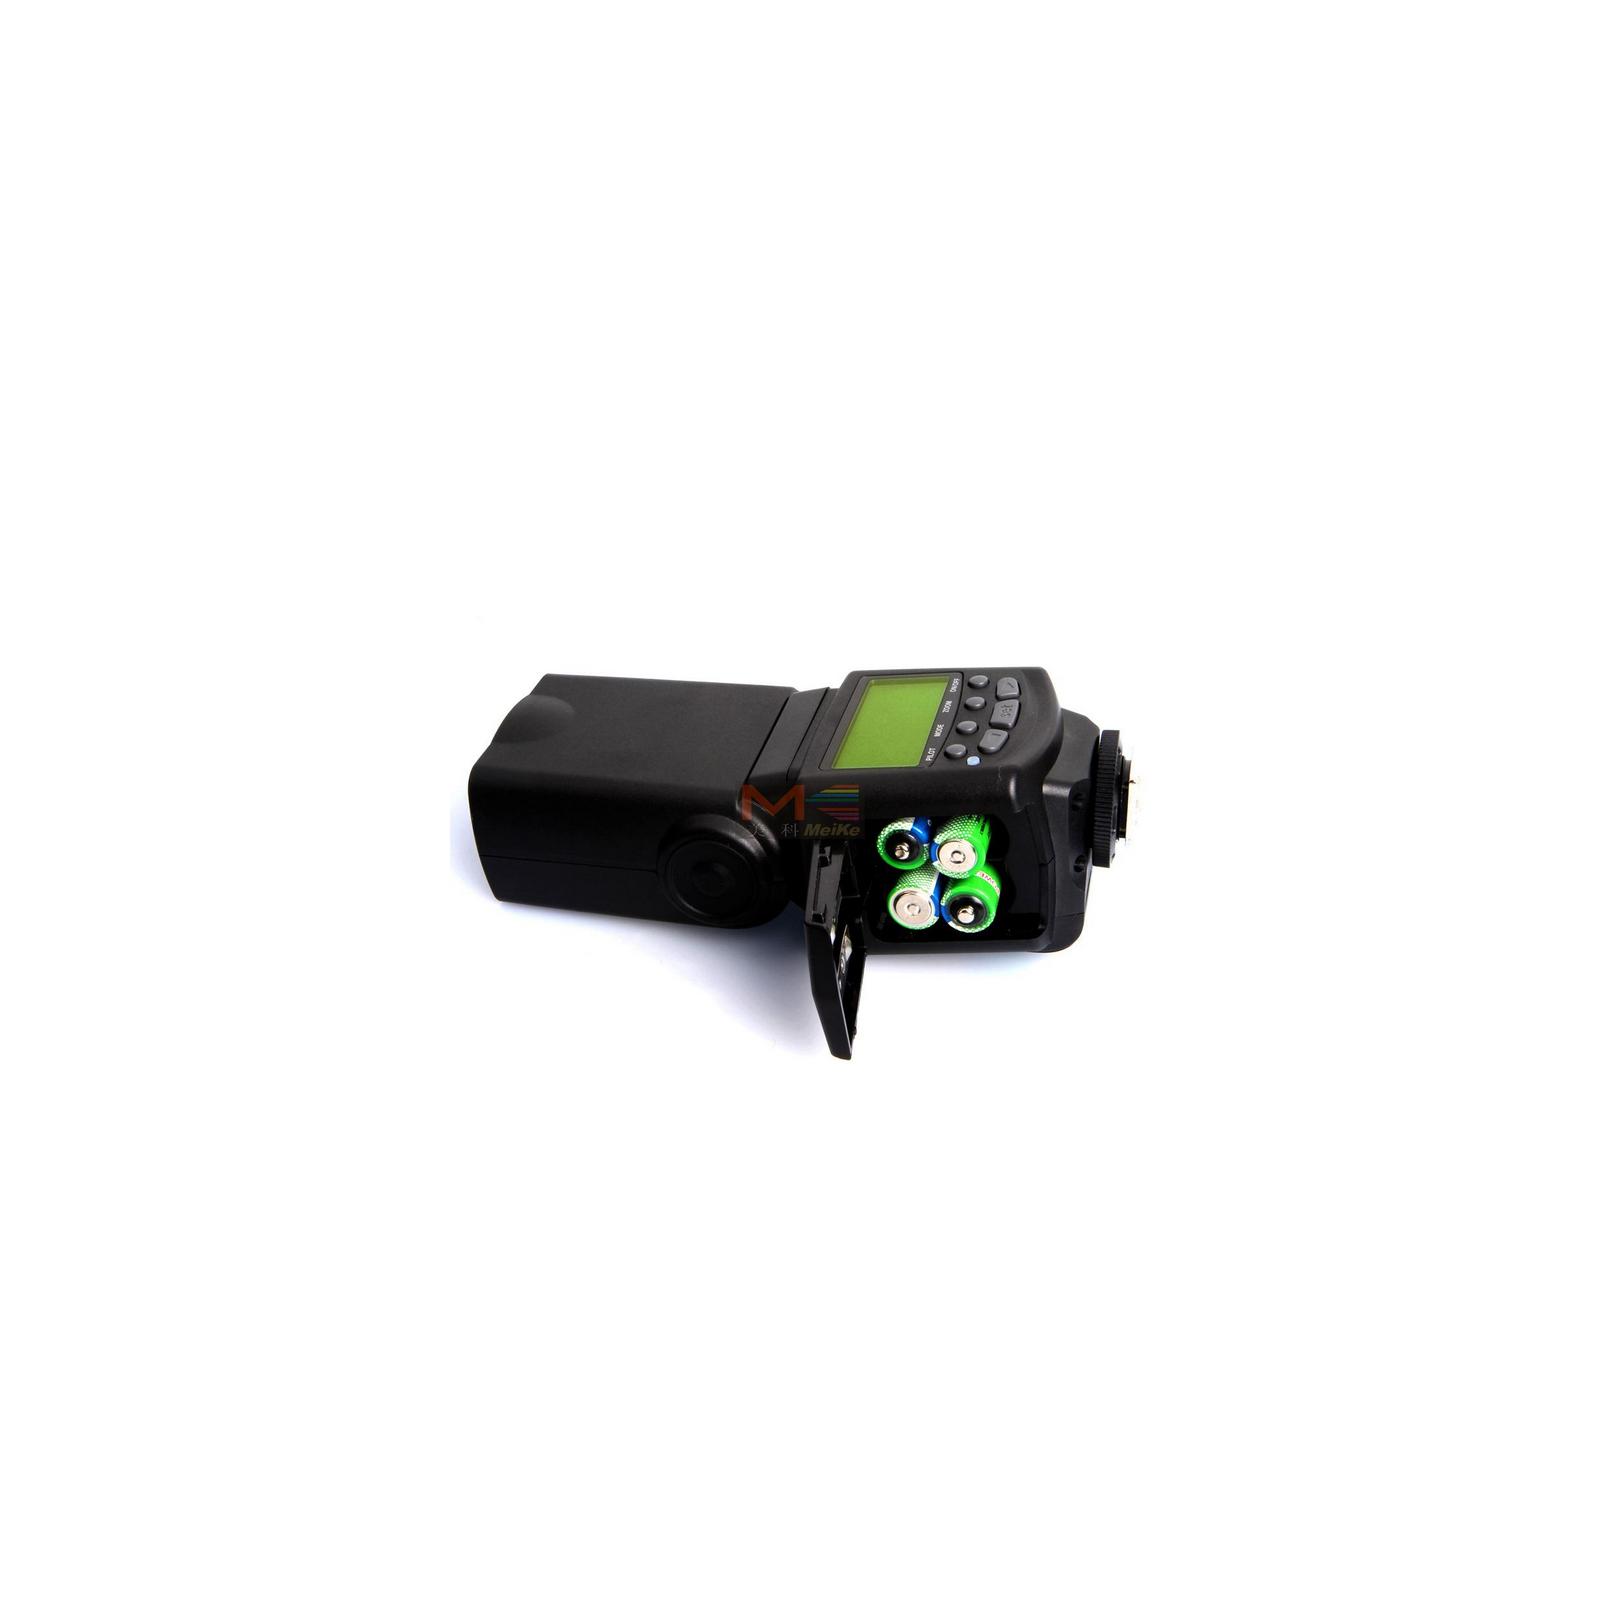 Вспышка Meike Canon 430c (SKW430C) изображение 2